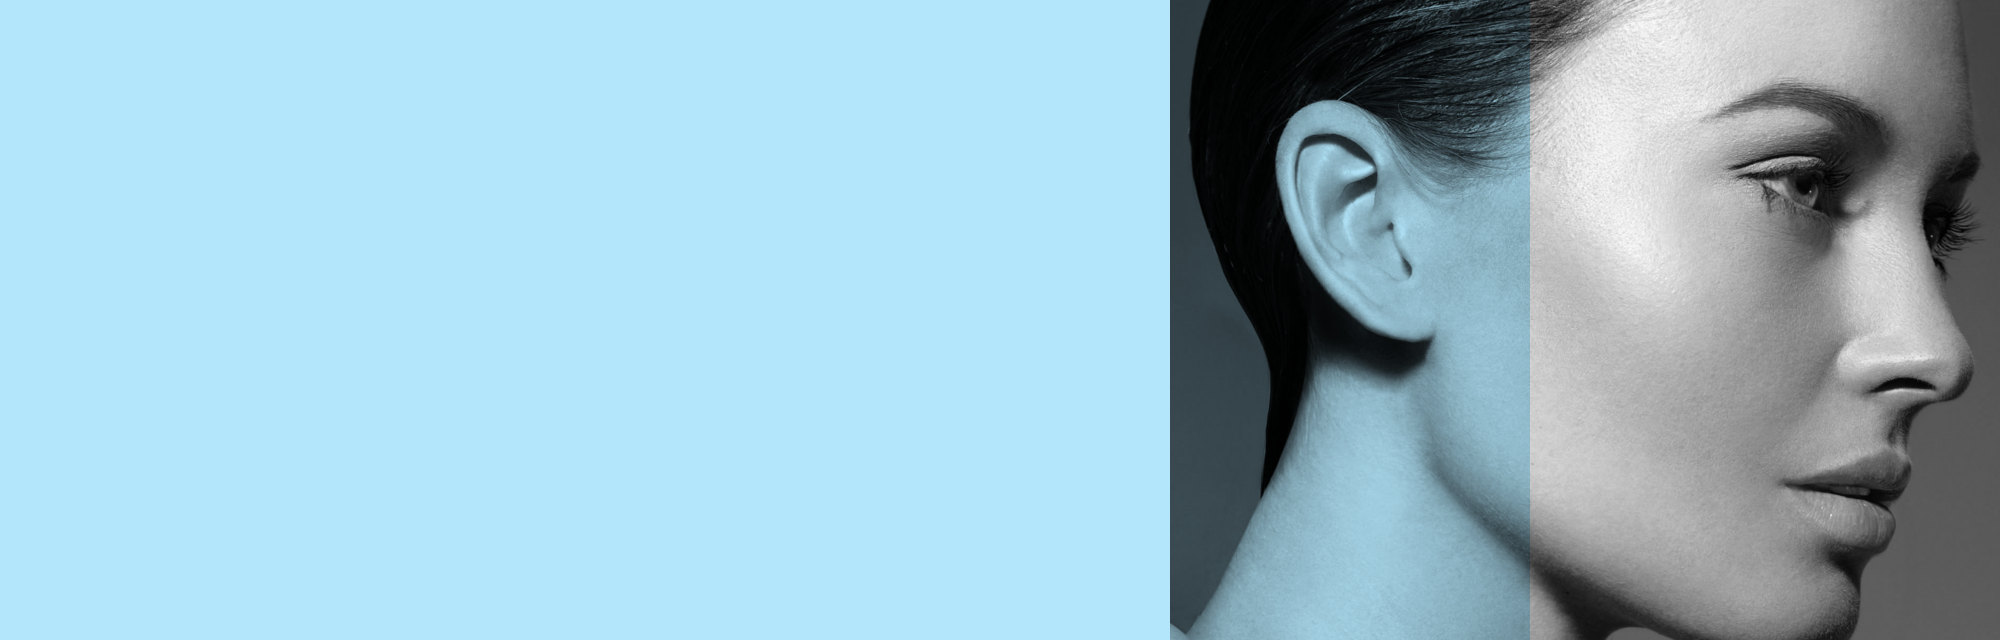 Donna con orecchie rifatte